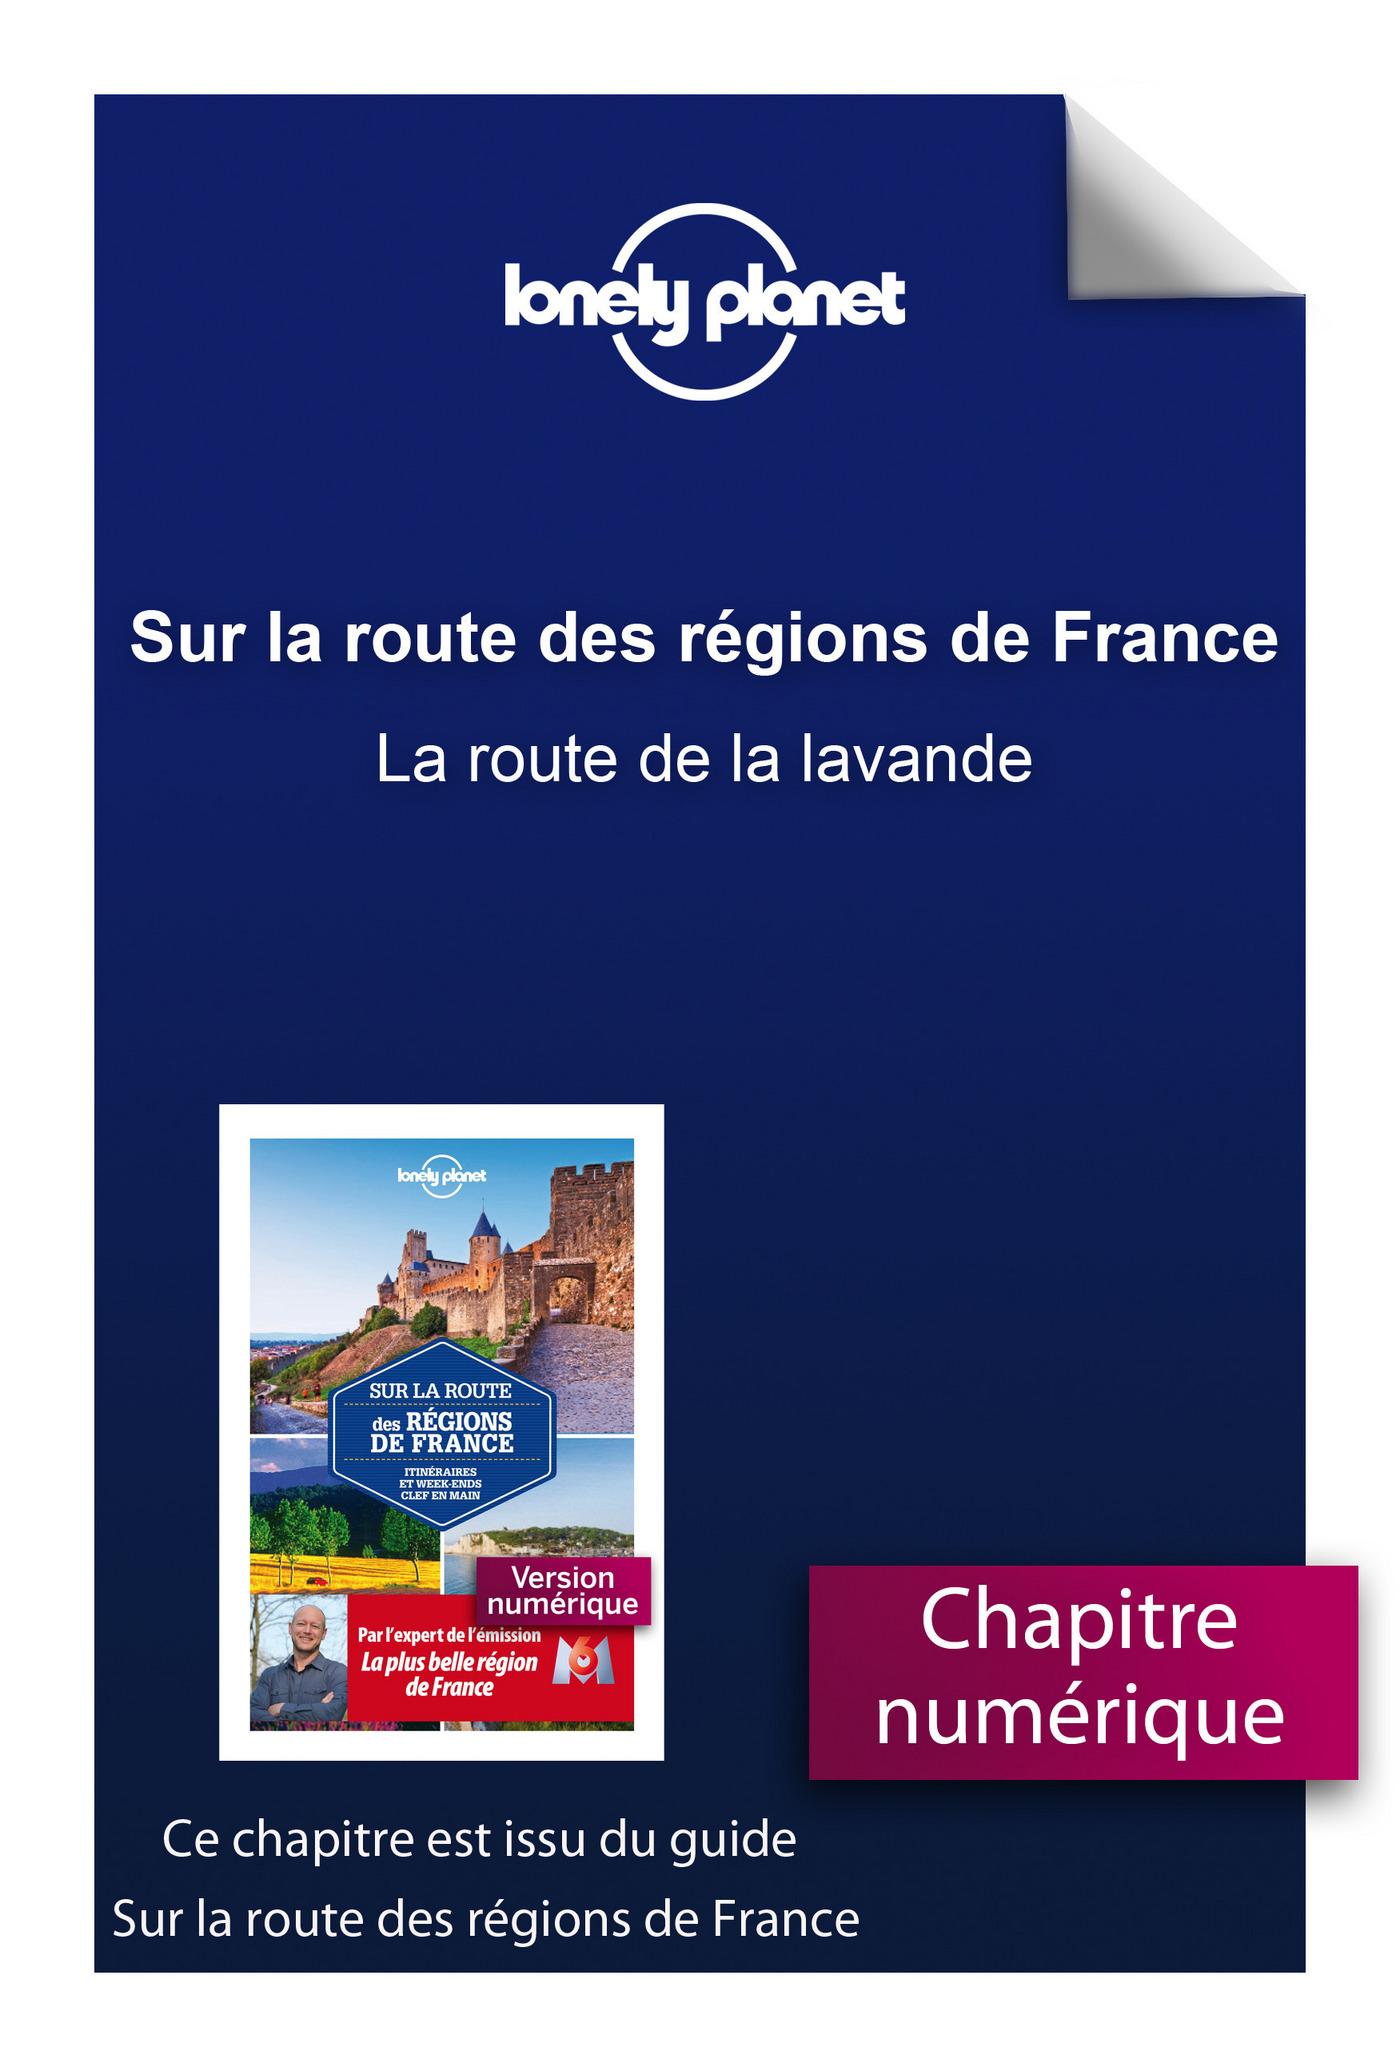 Sur la route des régions de France - La route de la lavande